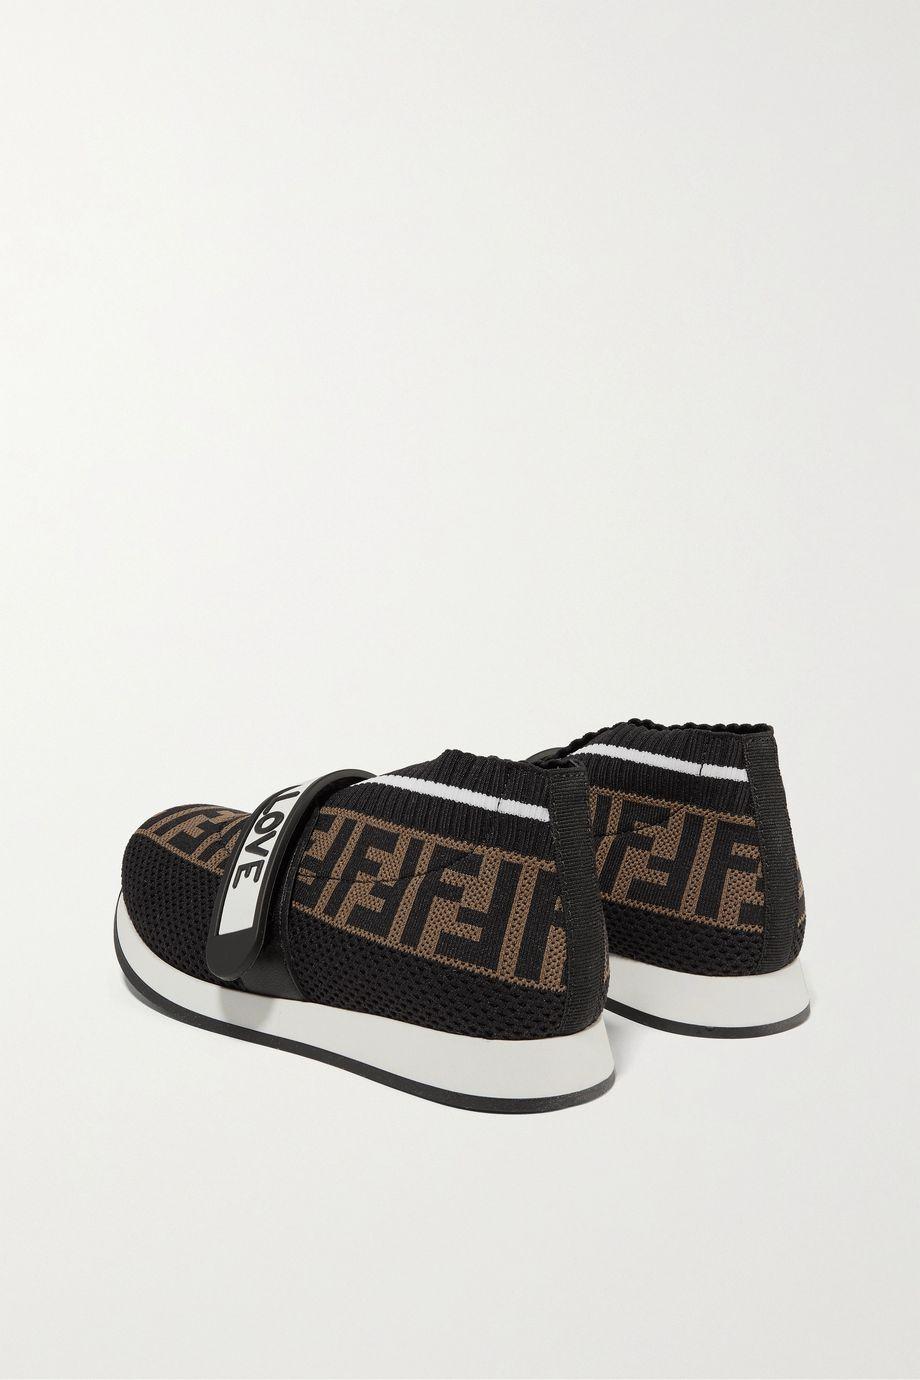 Fendi Kids 【32 - 35 码】品牌标志印花网眼氯丁橡胶运动鞋